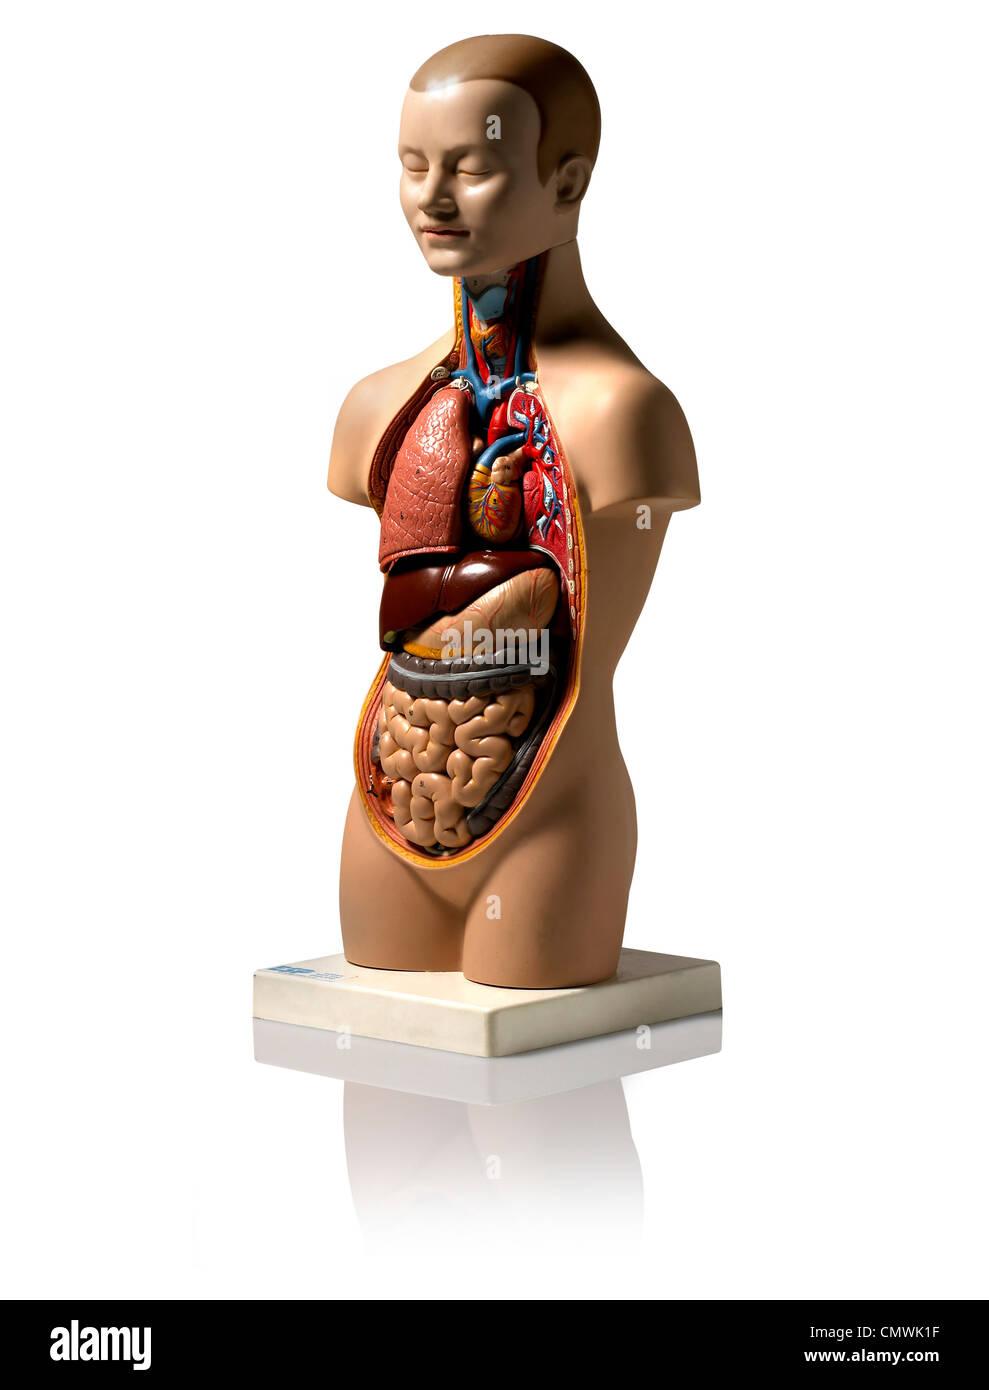 Beste Menschliche Anatomie Modelle Ideen - Anatomie Ideen - finotti.info